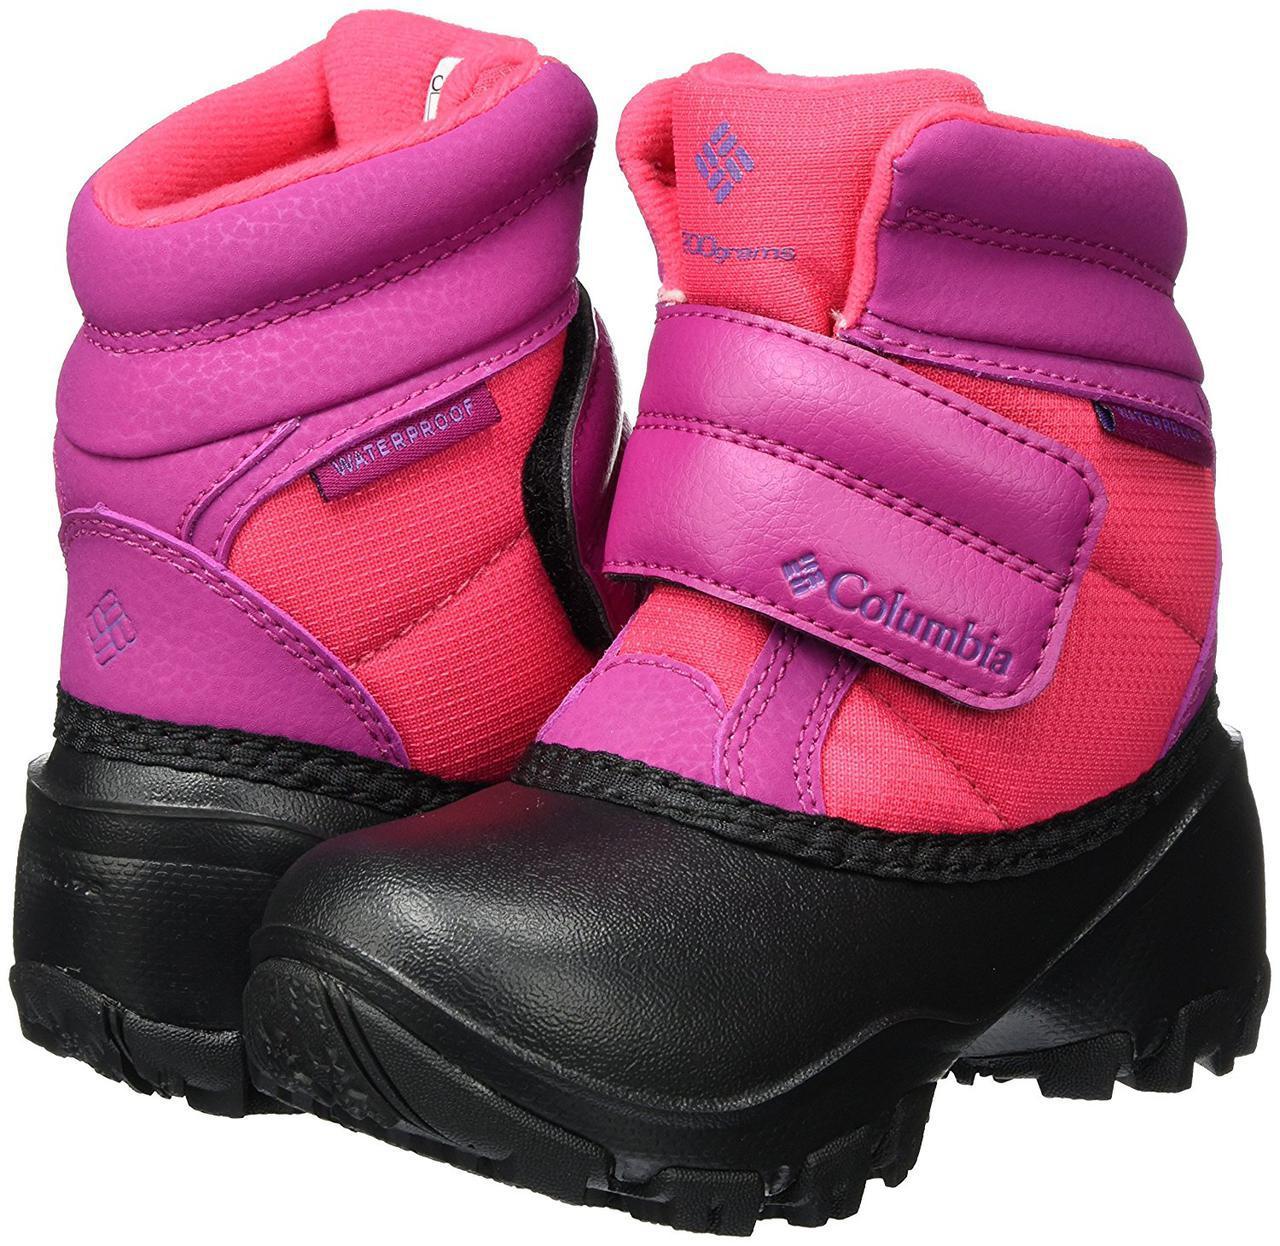 Ботинки зимние детские Columbia Kids Rope Tow Kruser сапоги непромокаемые  Розовый, 39 05773c70178